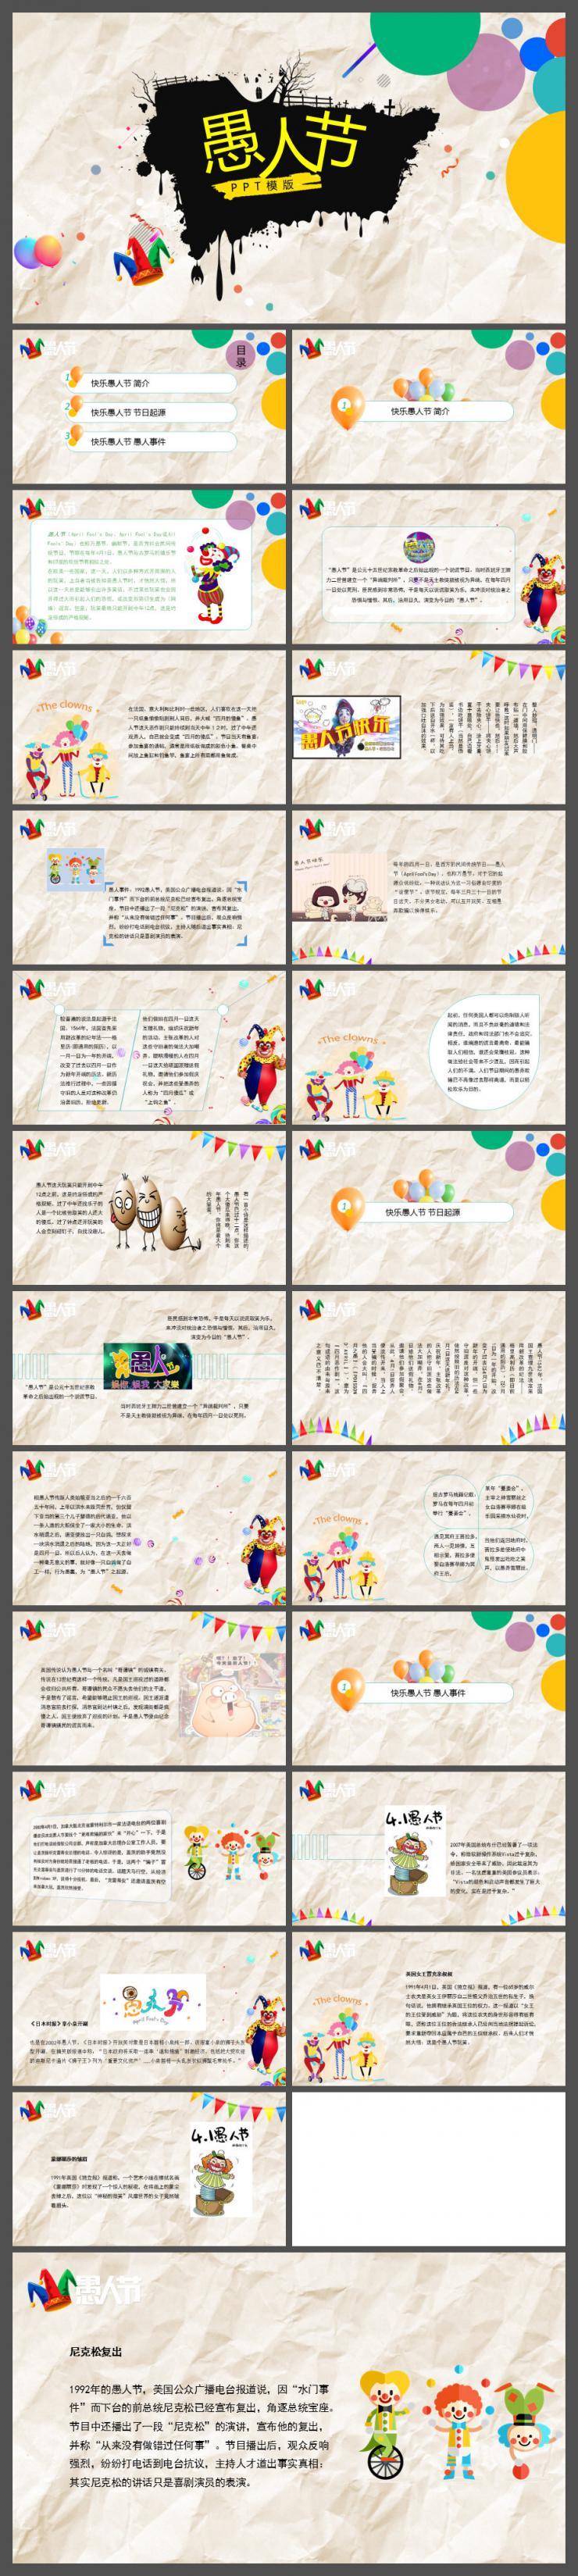 卡通风西方传统节日愚人节介绍PPT模板